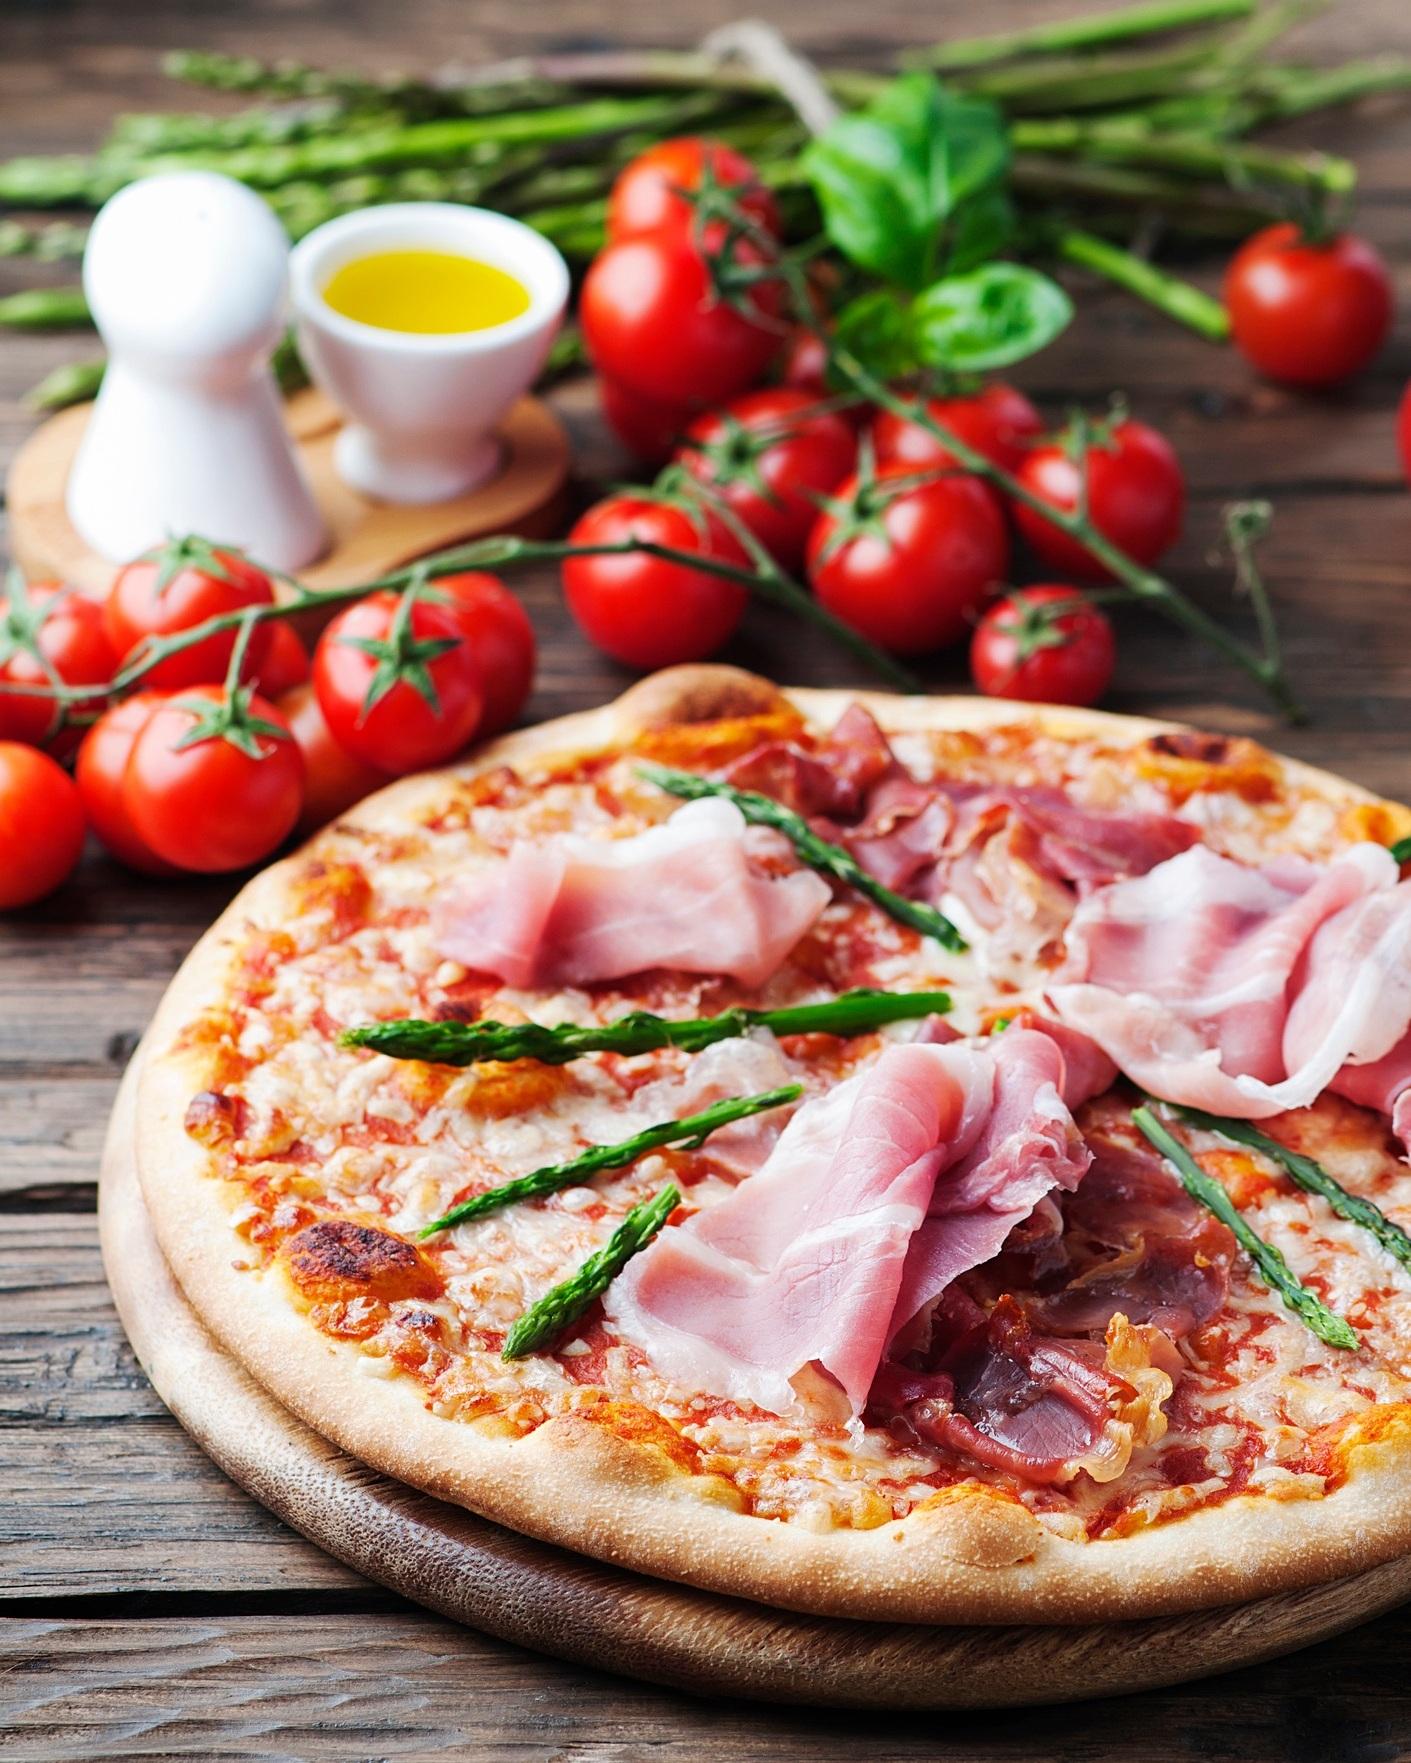 Sur votre pizza - J'ai commencé à mettre des asperges sur ma pizza lorsque je testais des recettes de pizza-déjeuner en vue de mon prochain livre, Déjeuners protéinés, qui sortira au mois d'août prochain. Accompagnés d'œufs et d'une sauce hollandaise allégée, l'asperge m'apparaissait alors comme le légume de choix. Dorénavant, j'ajoute des asperges au centre de la table lors de mes soirées pizza entre amis. Chacun garnit sa pizza comme il le souhaite et je vous assure que les asperges s'envolent très rapidement.